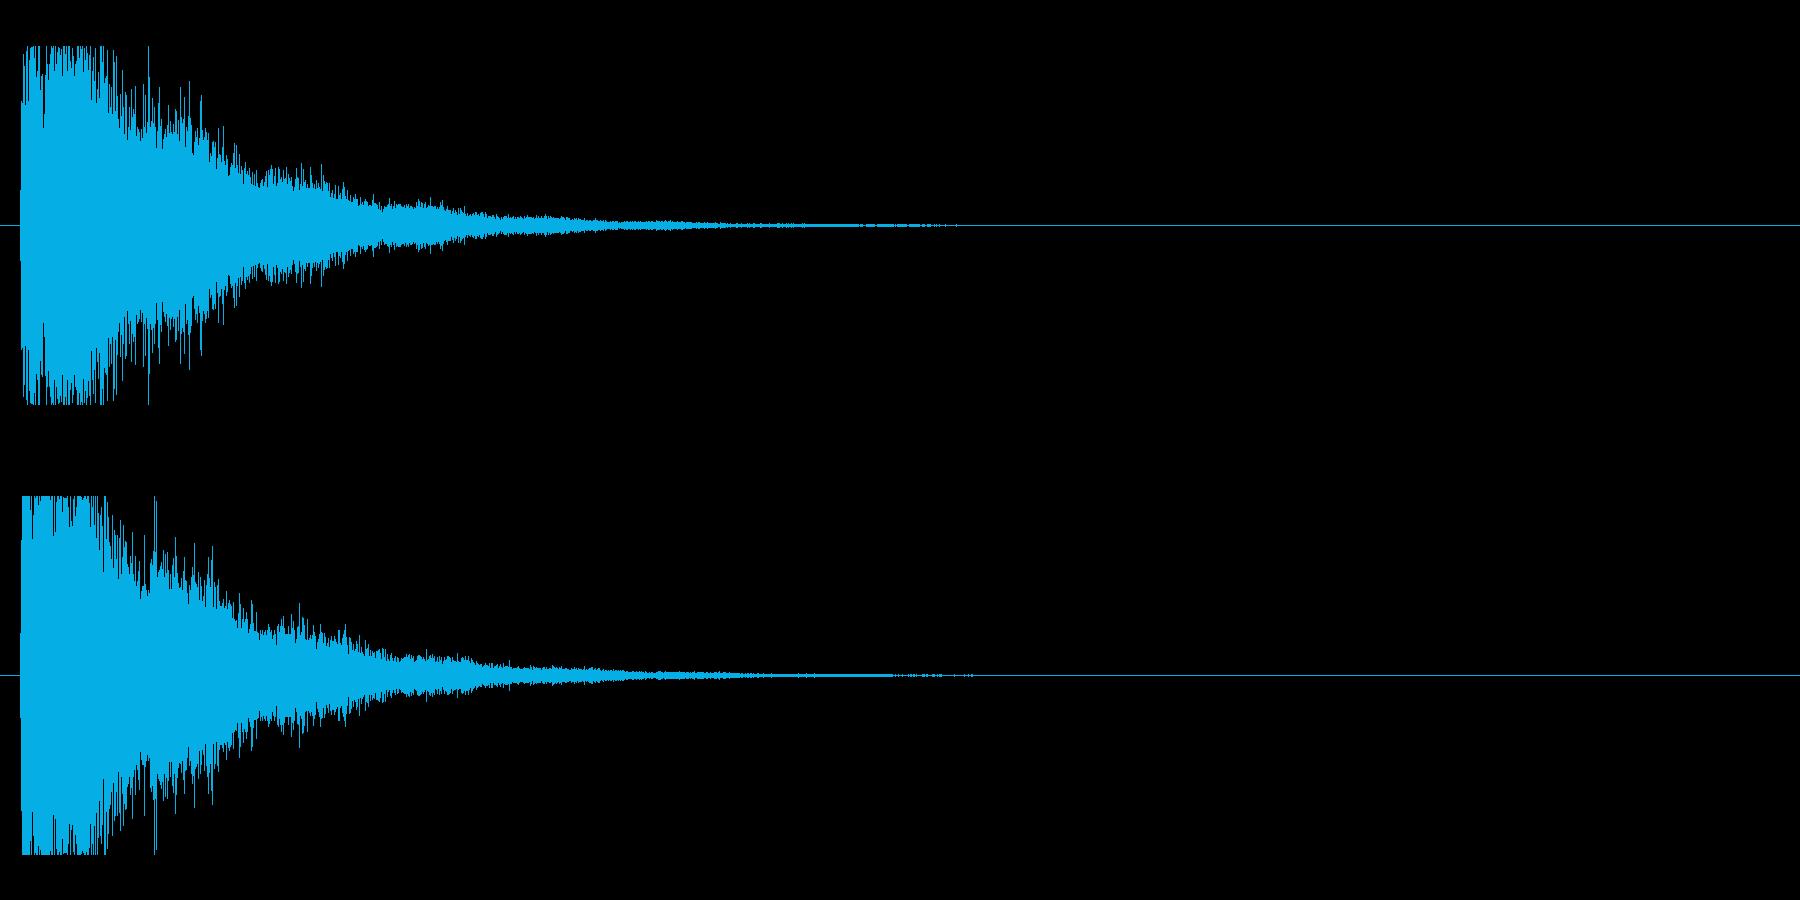 レーザー音-75-2の再生済みの波形